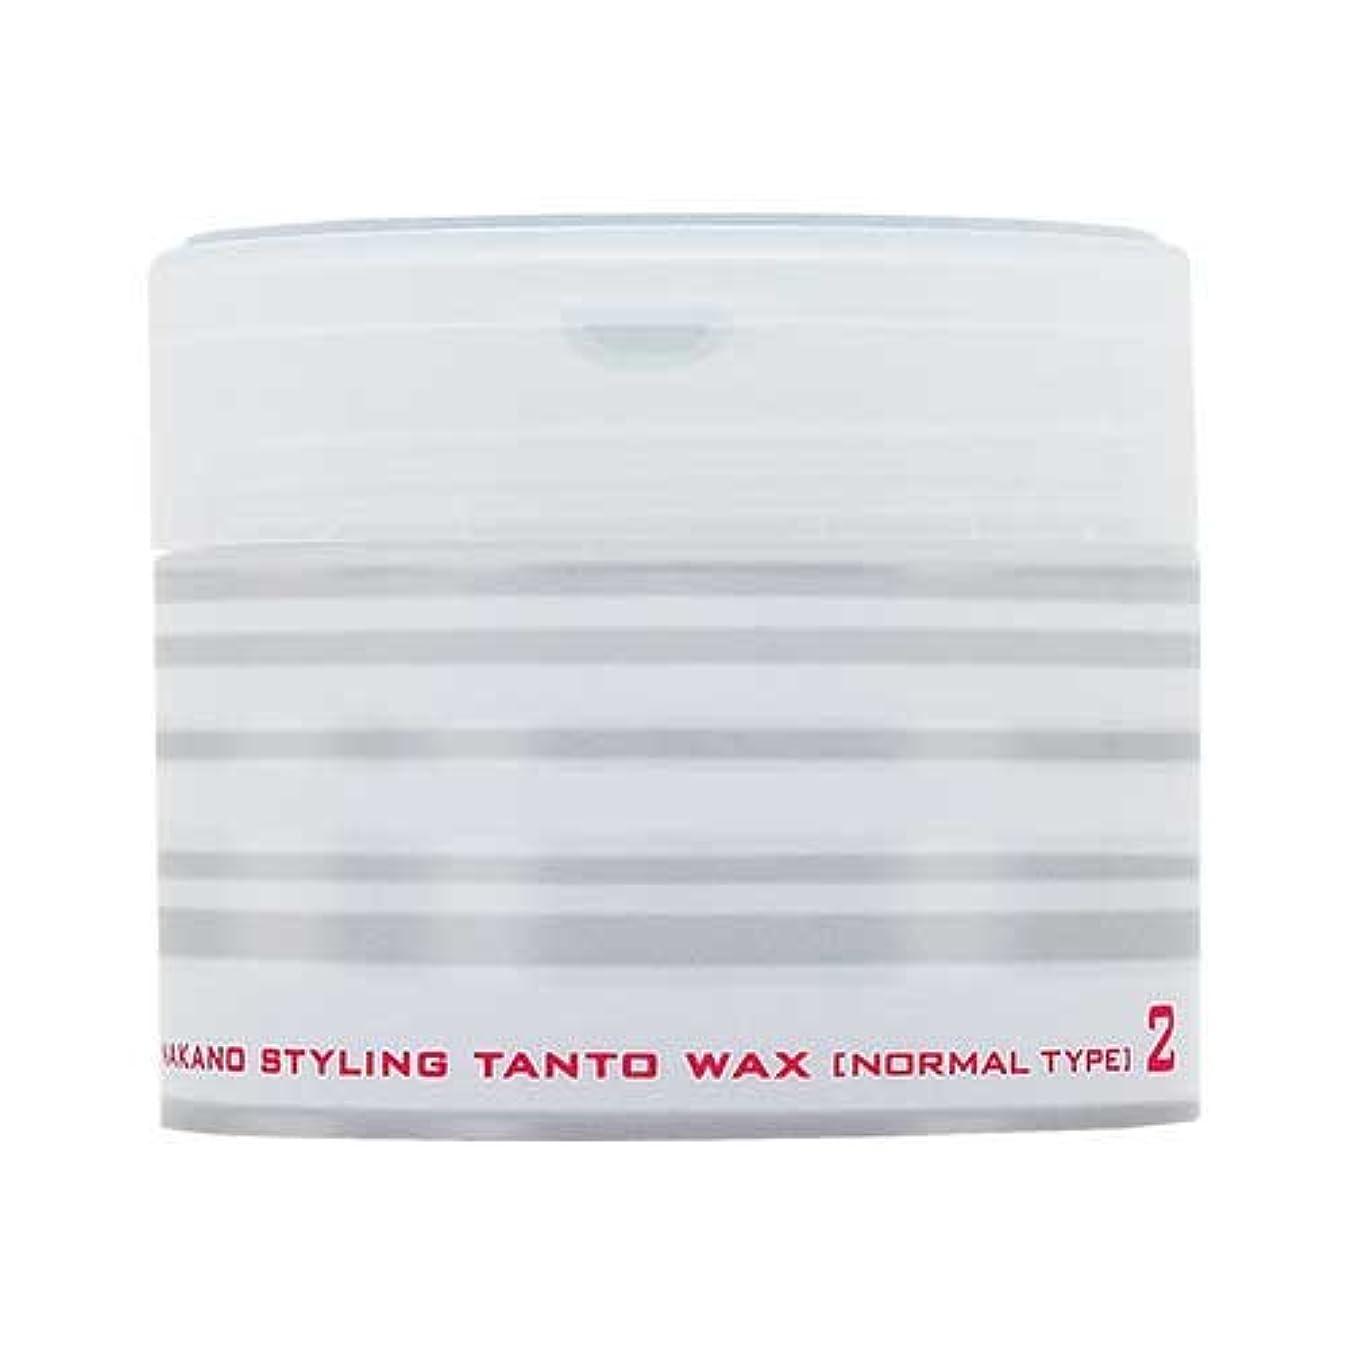 センブランス弾性維持するナカノ スタイリング タントN ワックス 2 ノーマルタイプ 90g 中野製薬 NAKANO